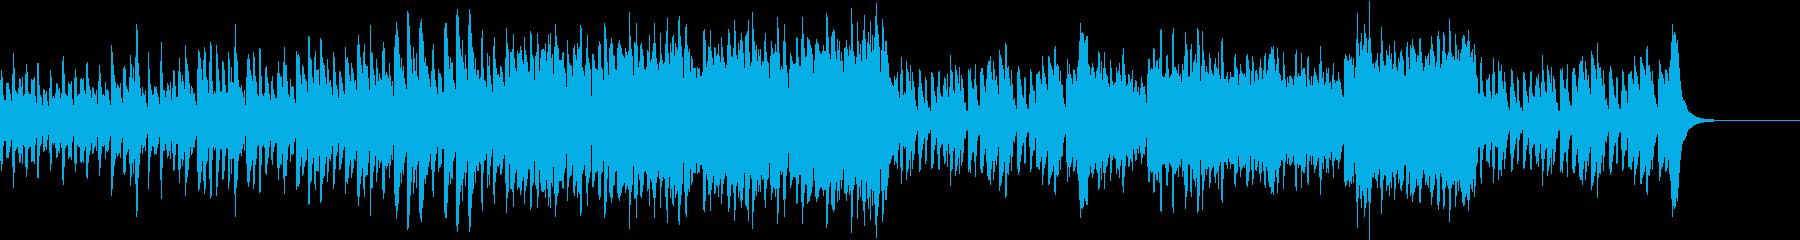 アラビアン ディズニー風 BGMの再生済みの波形